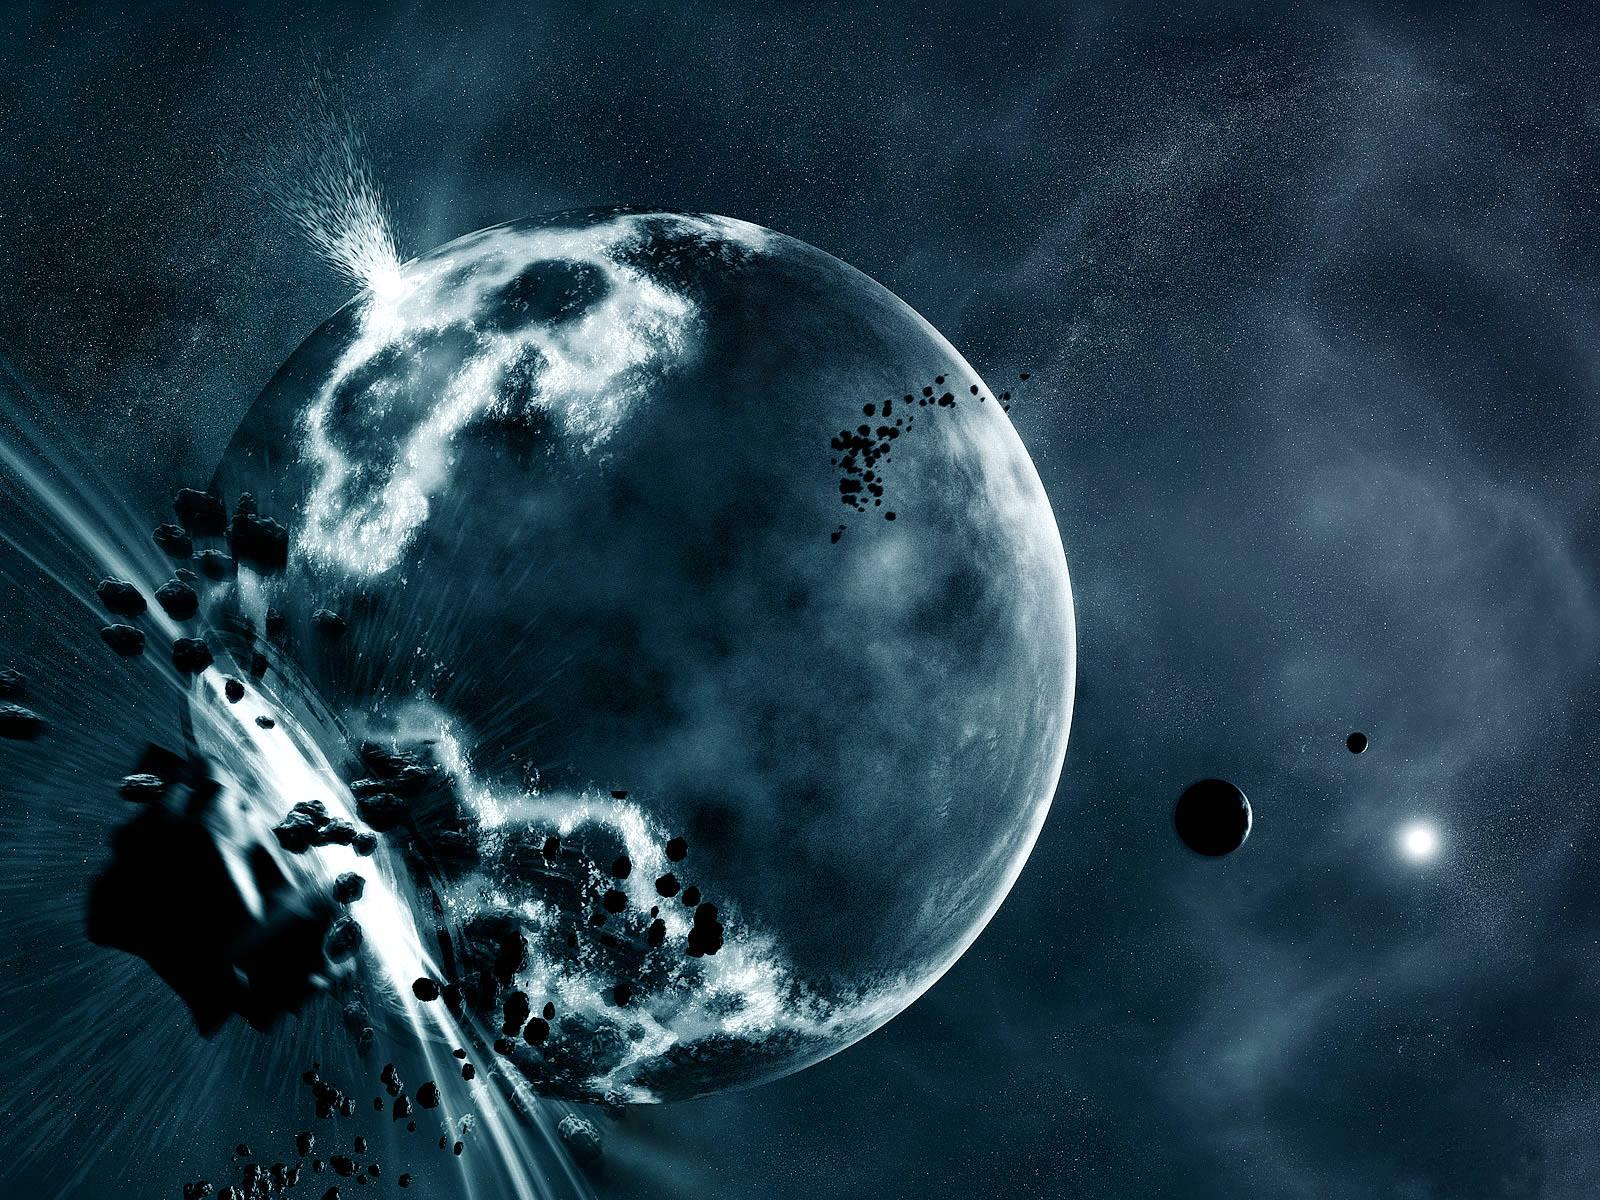 космос, планета, обои на рабочий стол